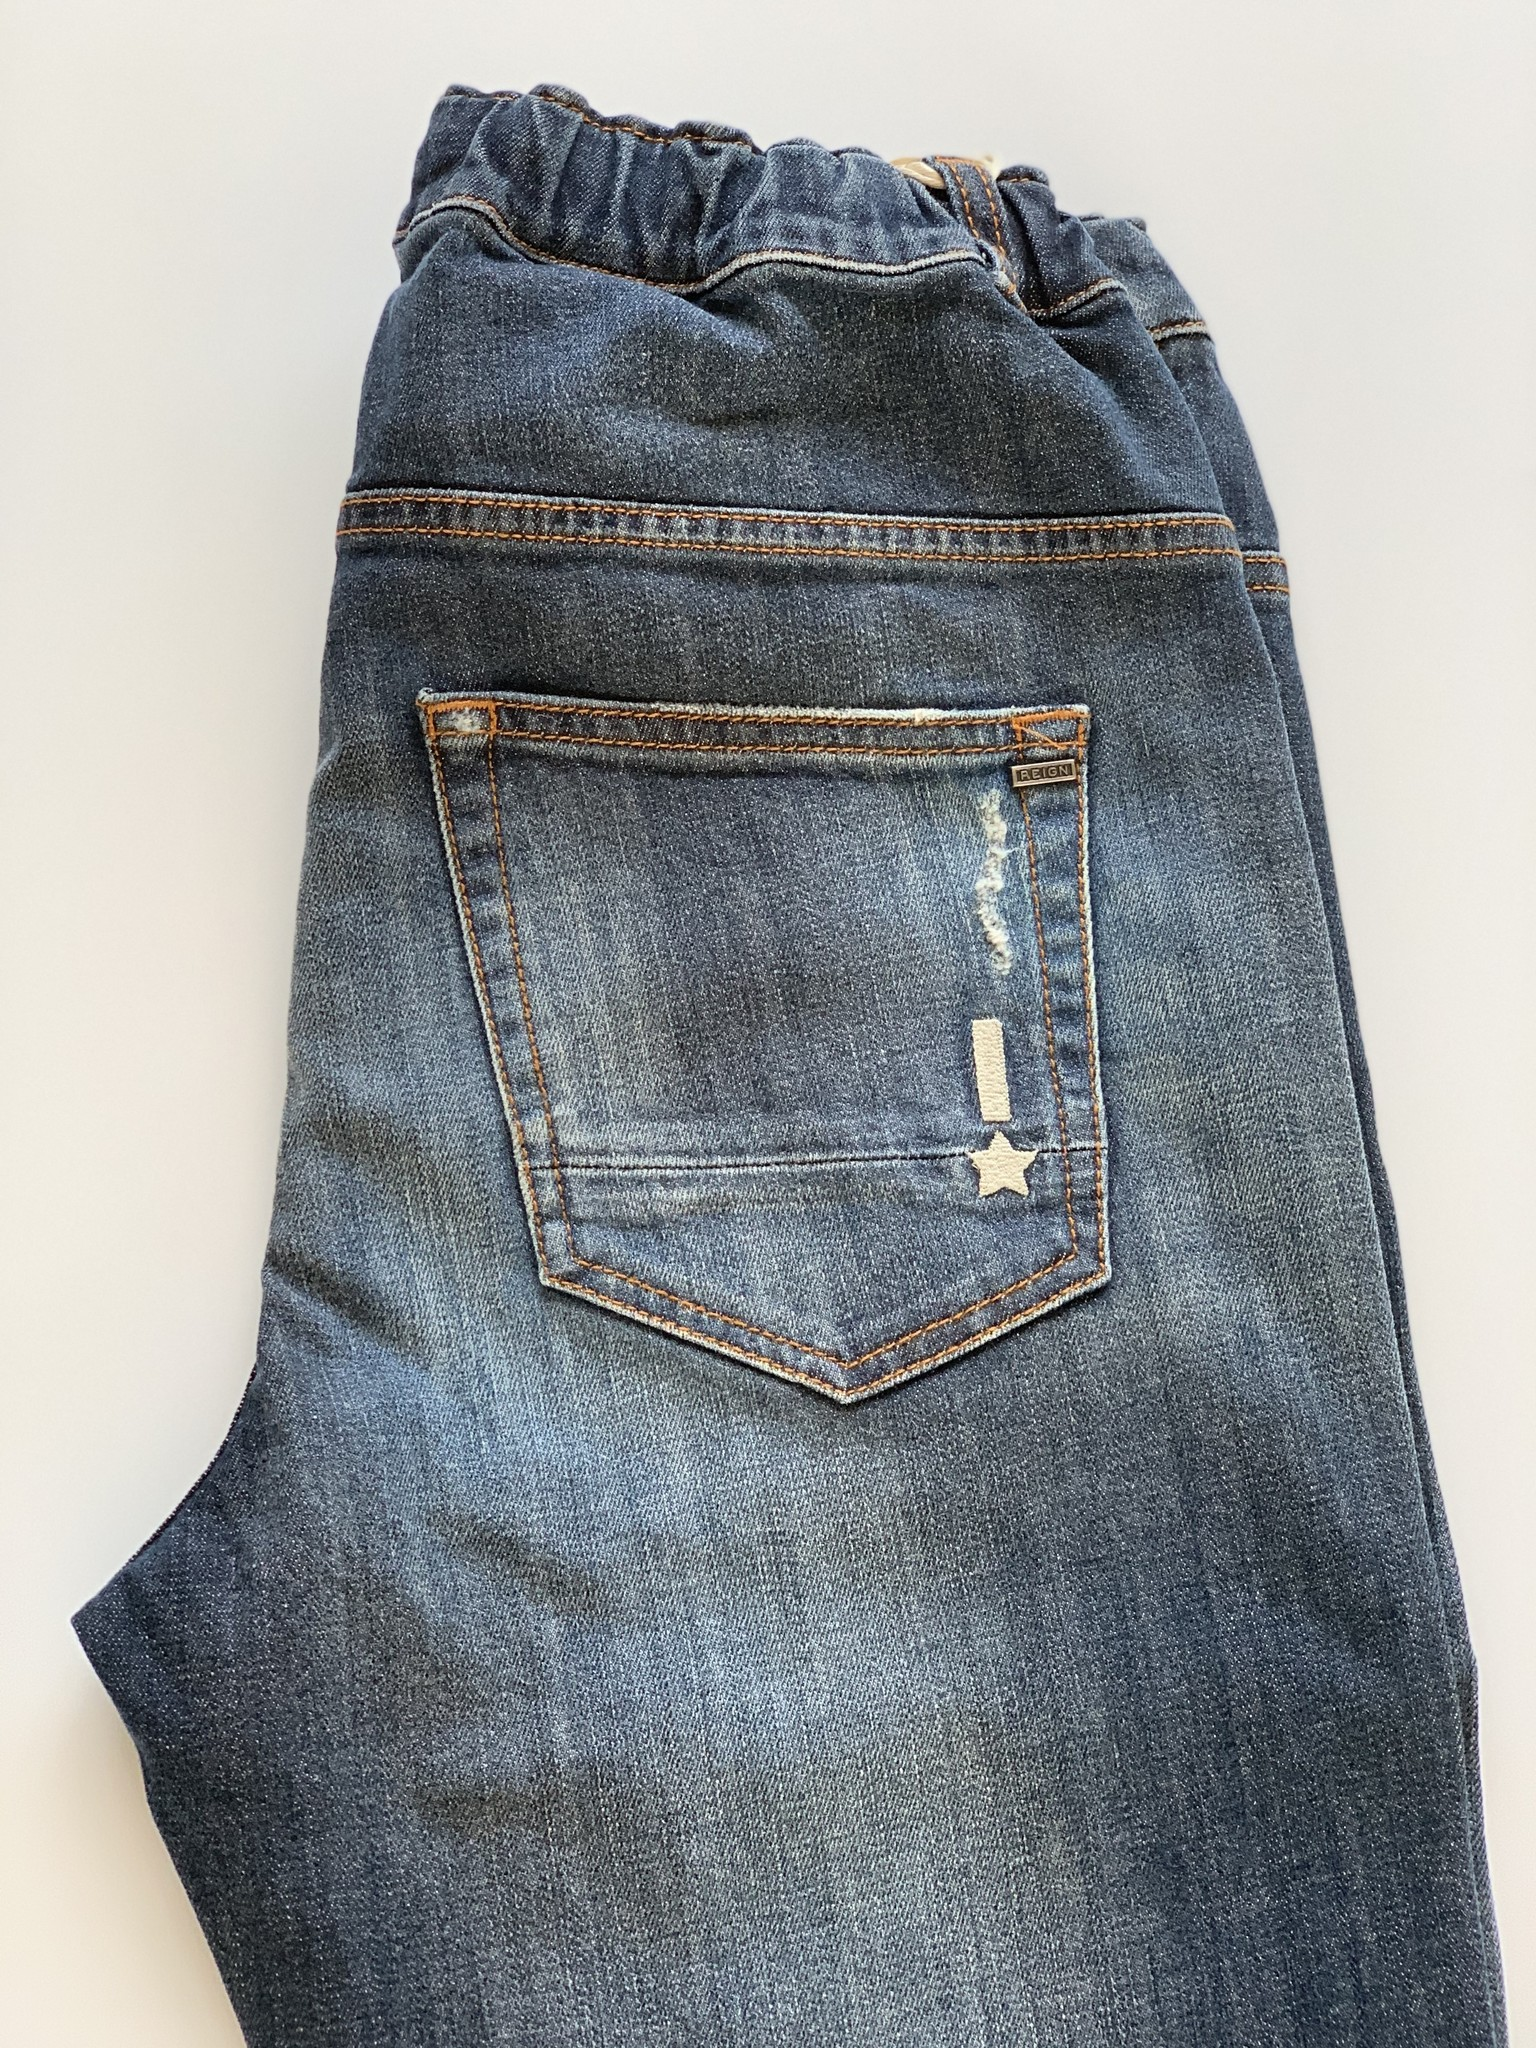 Jaxon Ottawa Destroyed Jeans-3